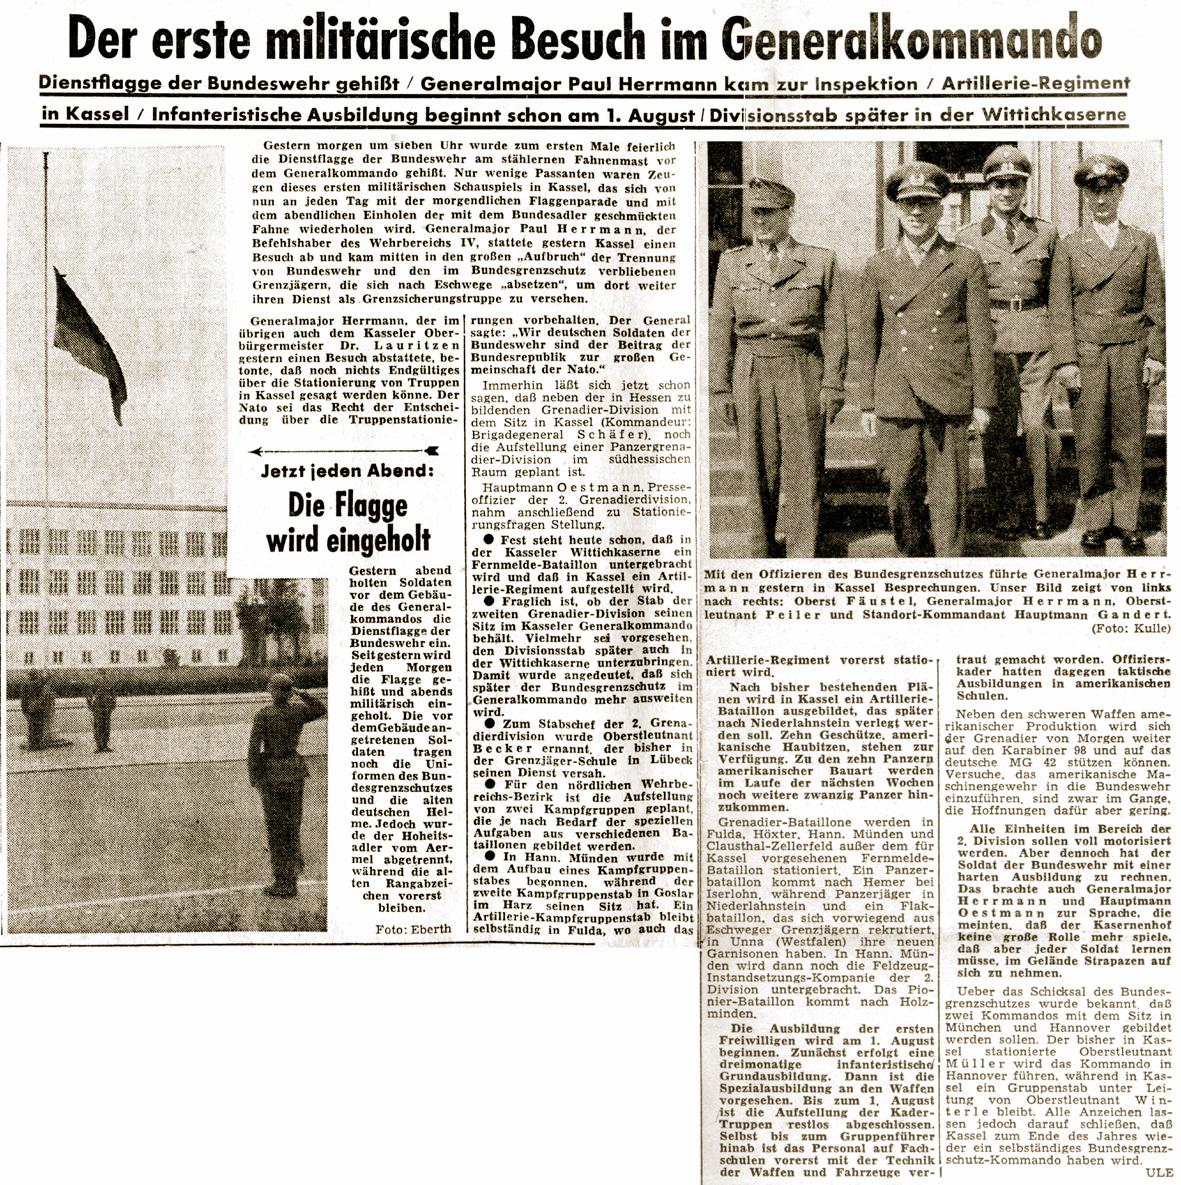 Kasseler Zeitung 03.07-1.56a